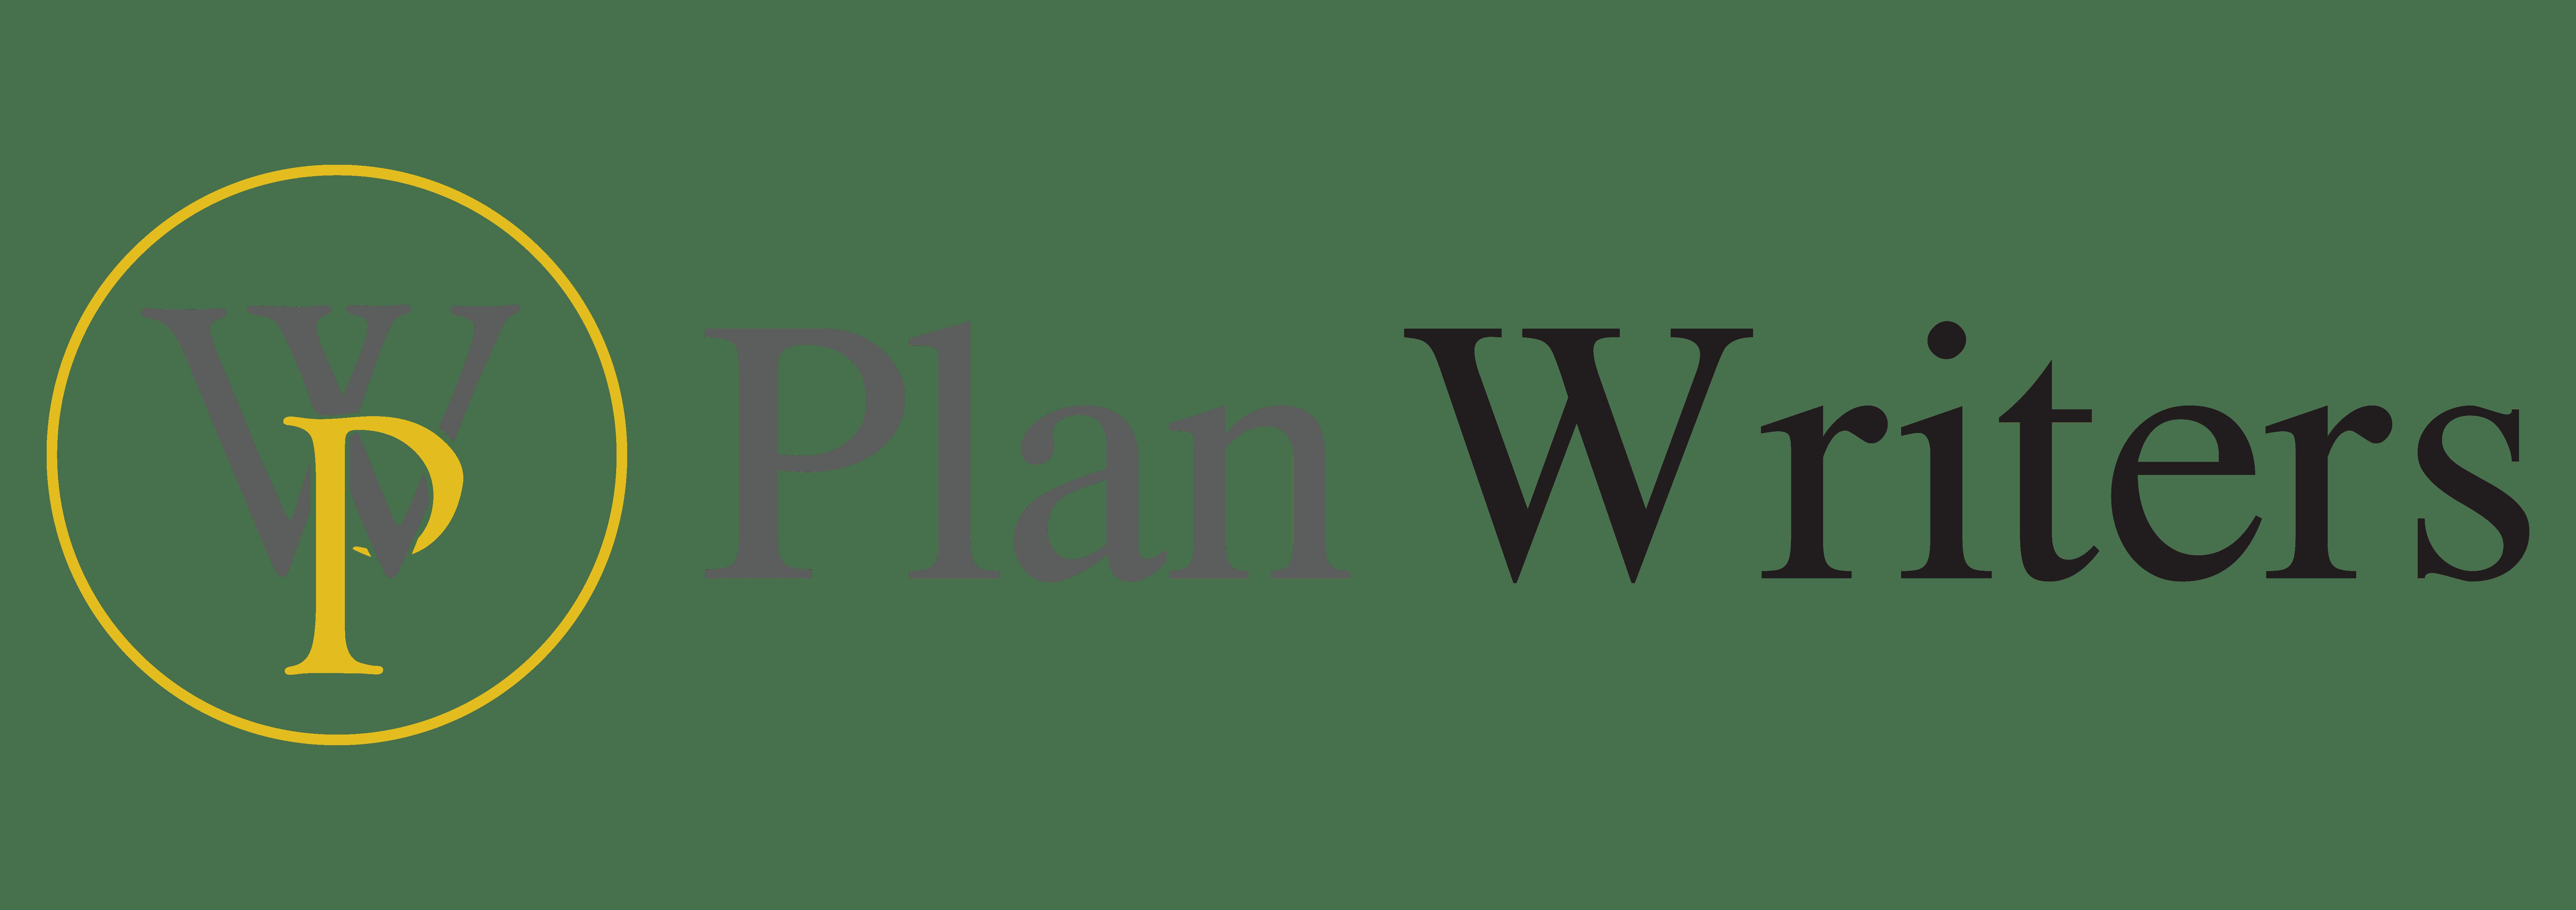 TPW_logo-min